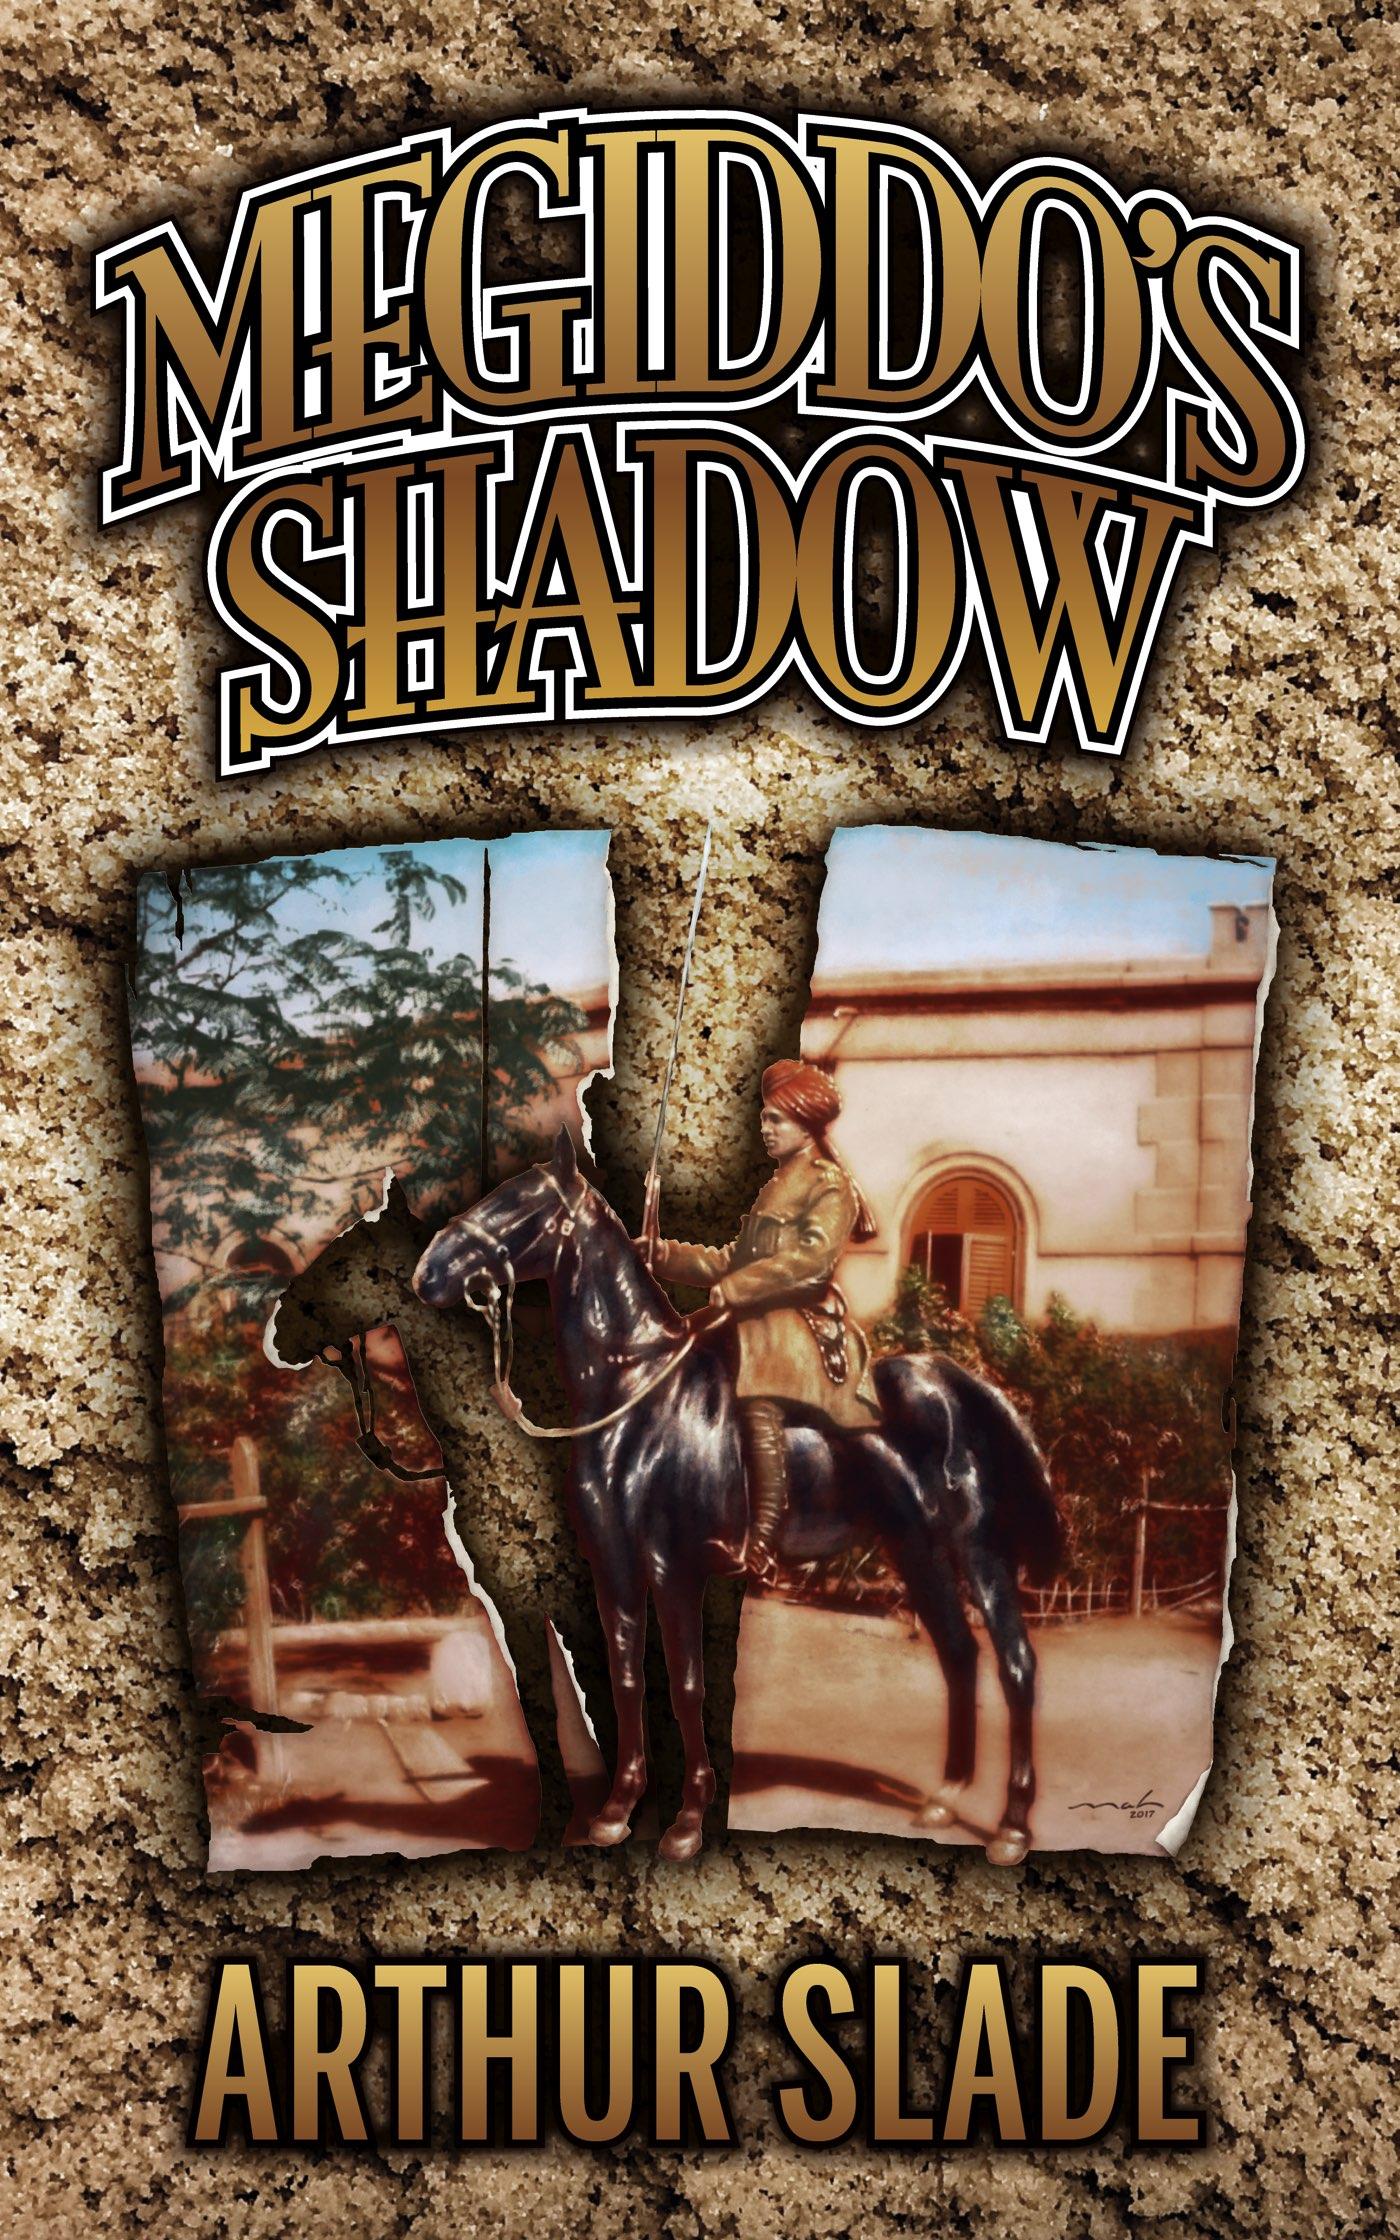 Megiddos-Shadow-Generic.jpg